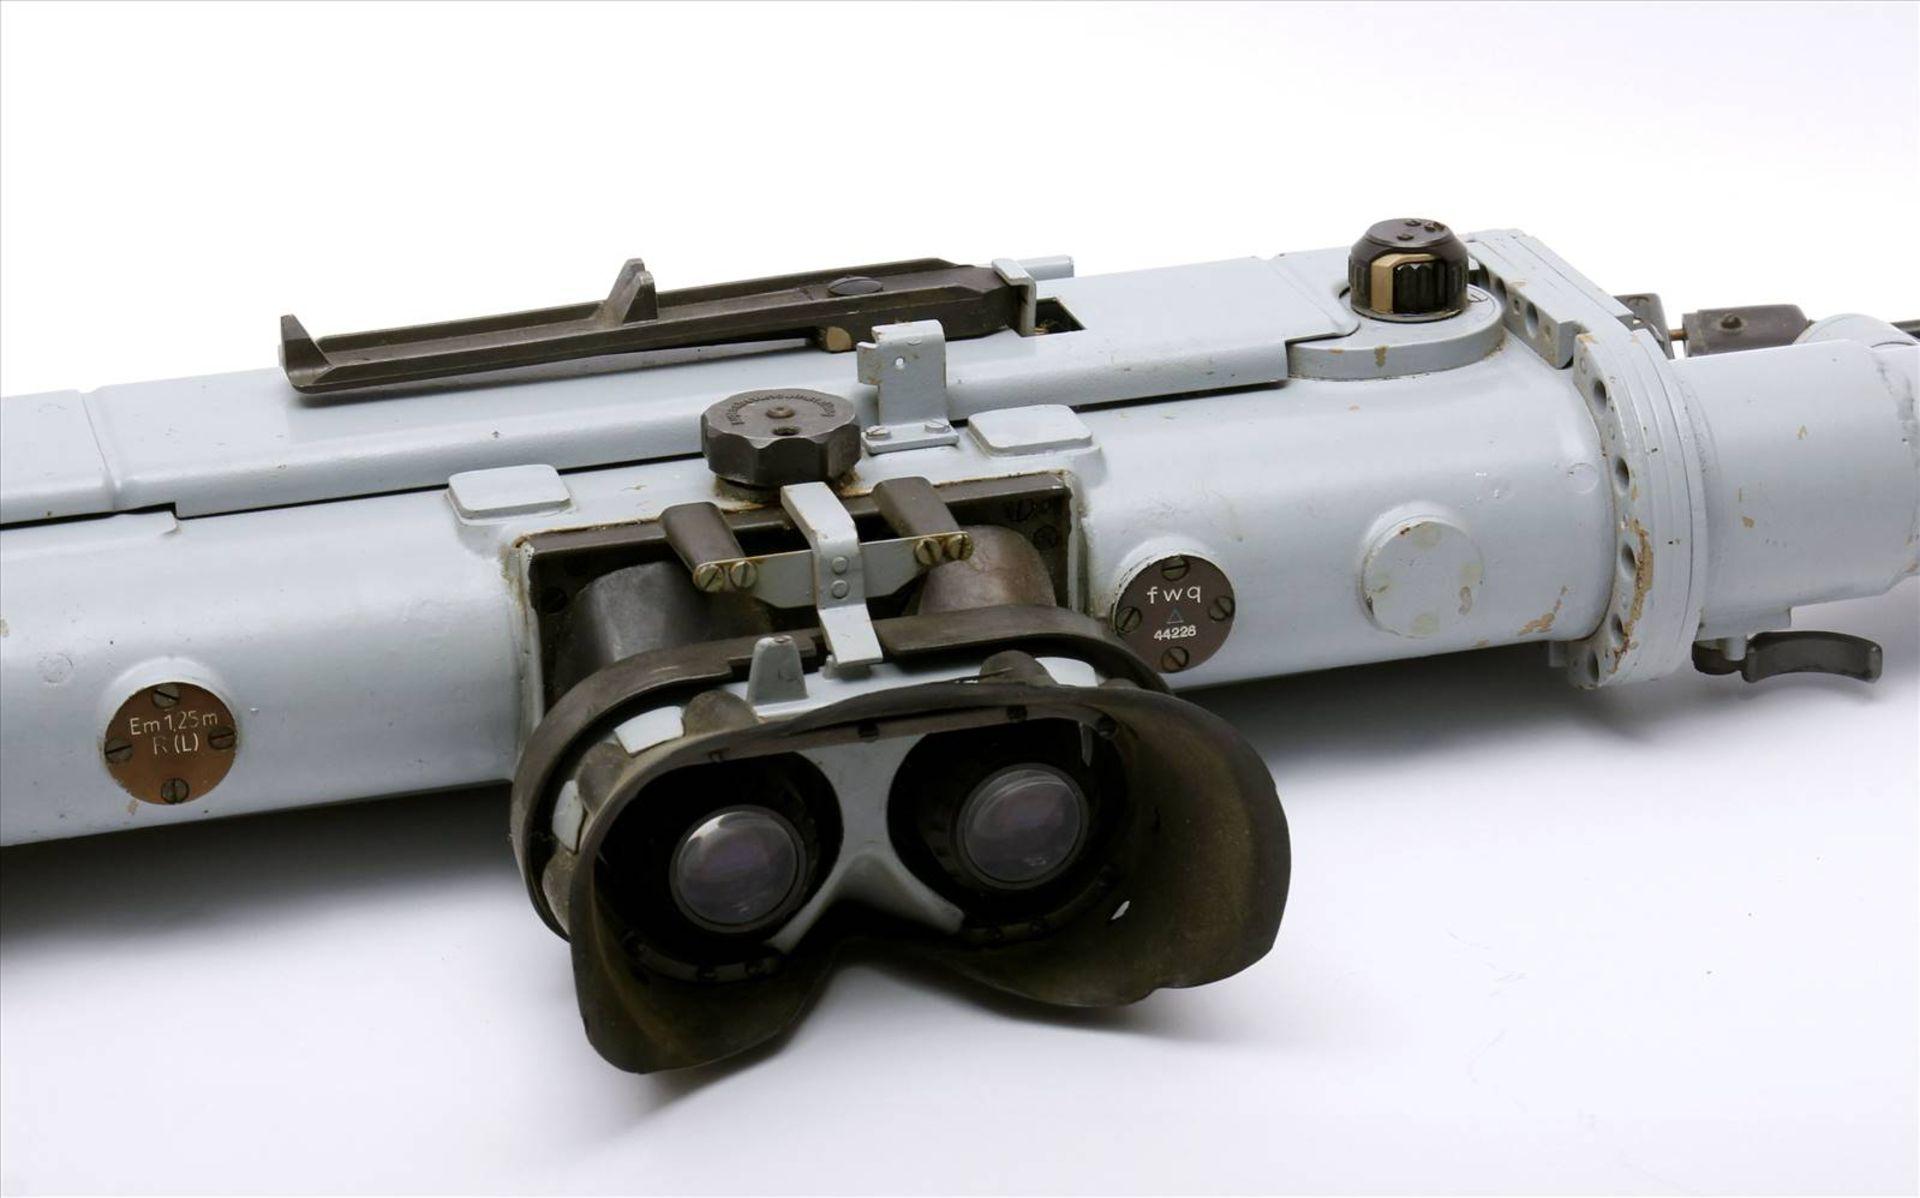 Entfernungsmesser WehrmachtEntfernungsmesser mit allen Teilen. Maße 1420 mm x 320 mm. - Bild 2 aus 3